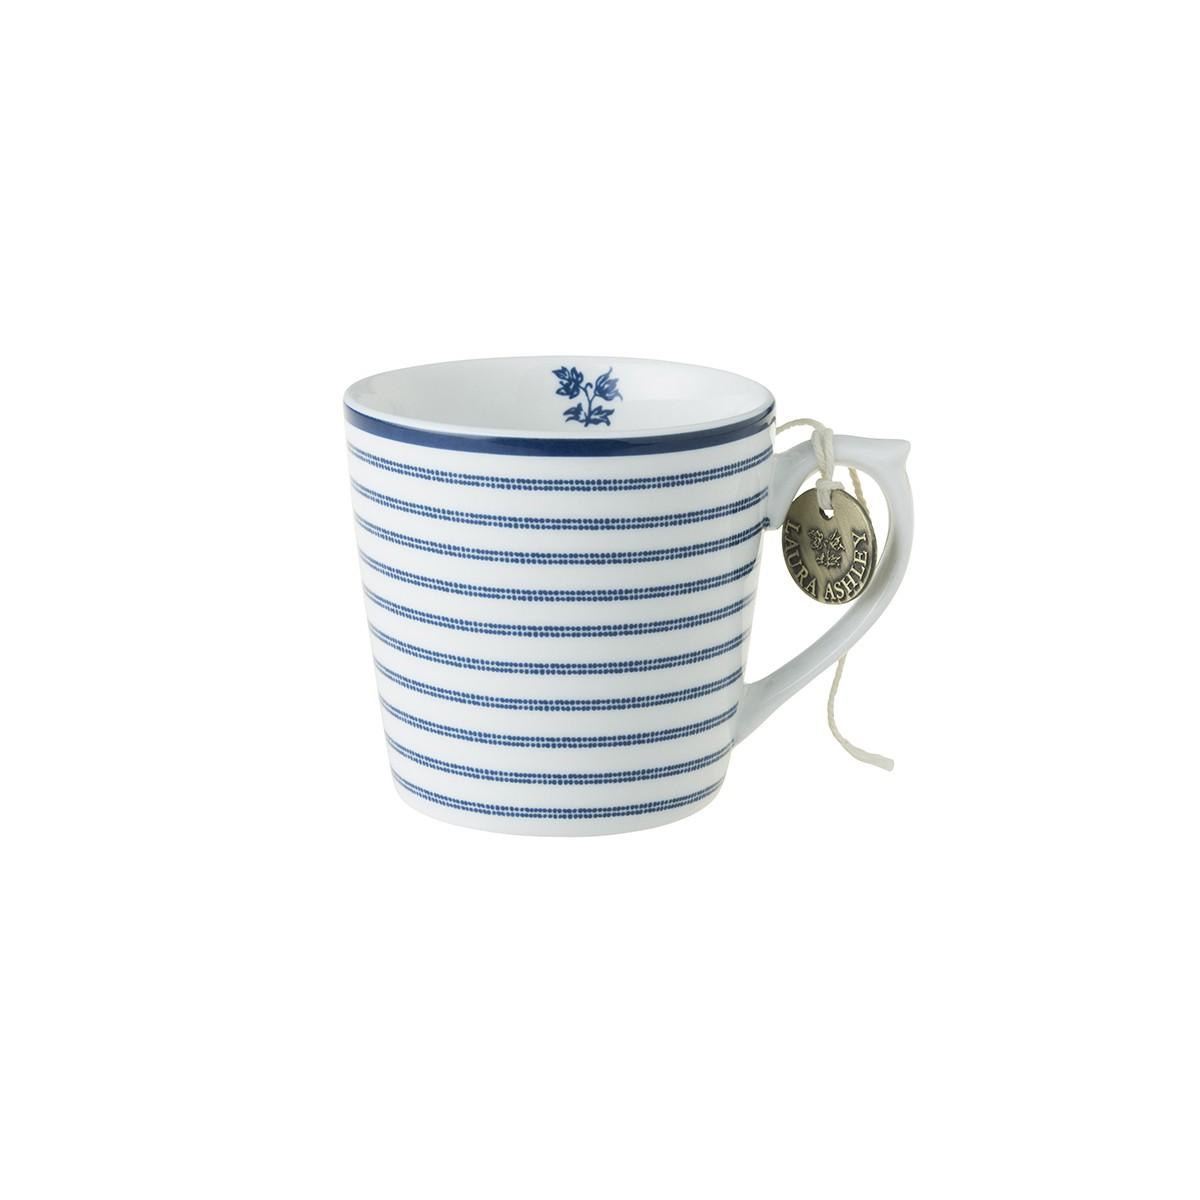 Κούπα Laura Ashley Candy Stripe Fine Bone China 220ml home   ειδη cafe τσαϊ   κούπες   φλυτζάνια